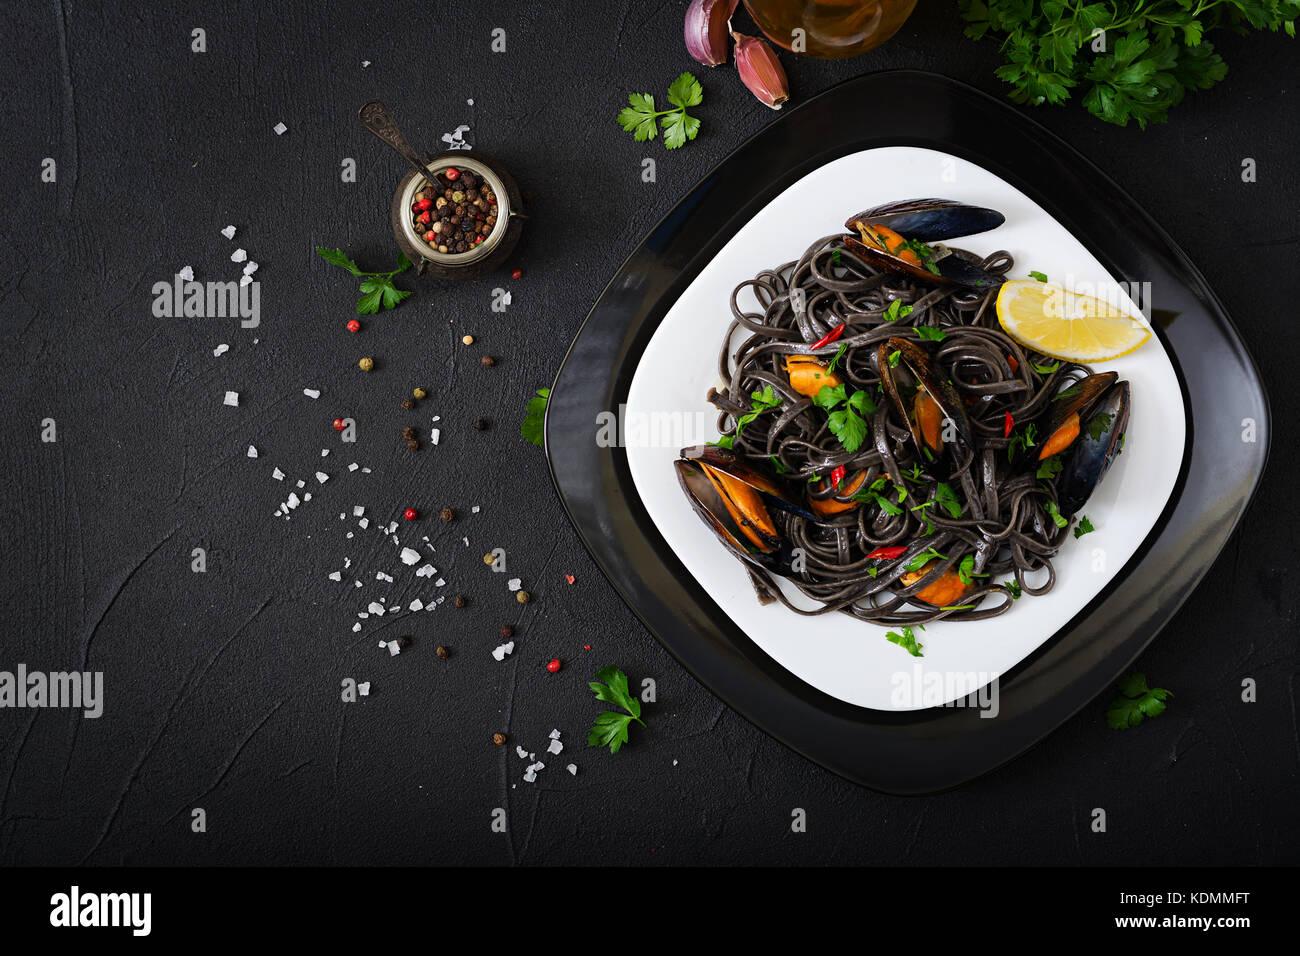 Spaghetti noir. noir pâtes aux fruits de mer aux moules sur fond noir. délicatesse méditerranéenne Photo Stock